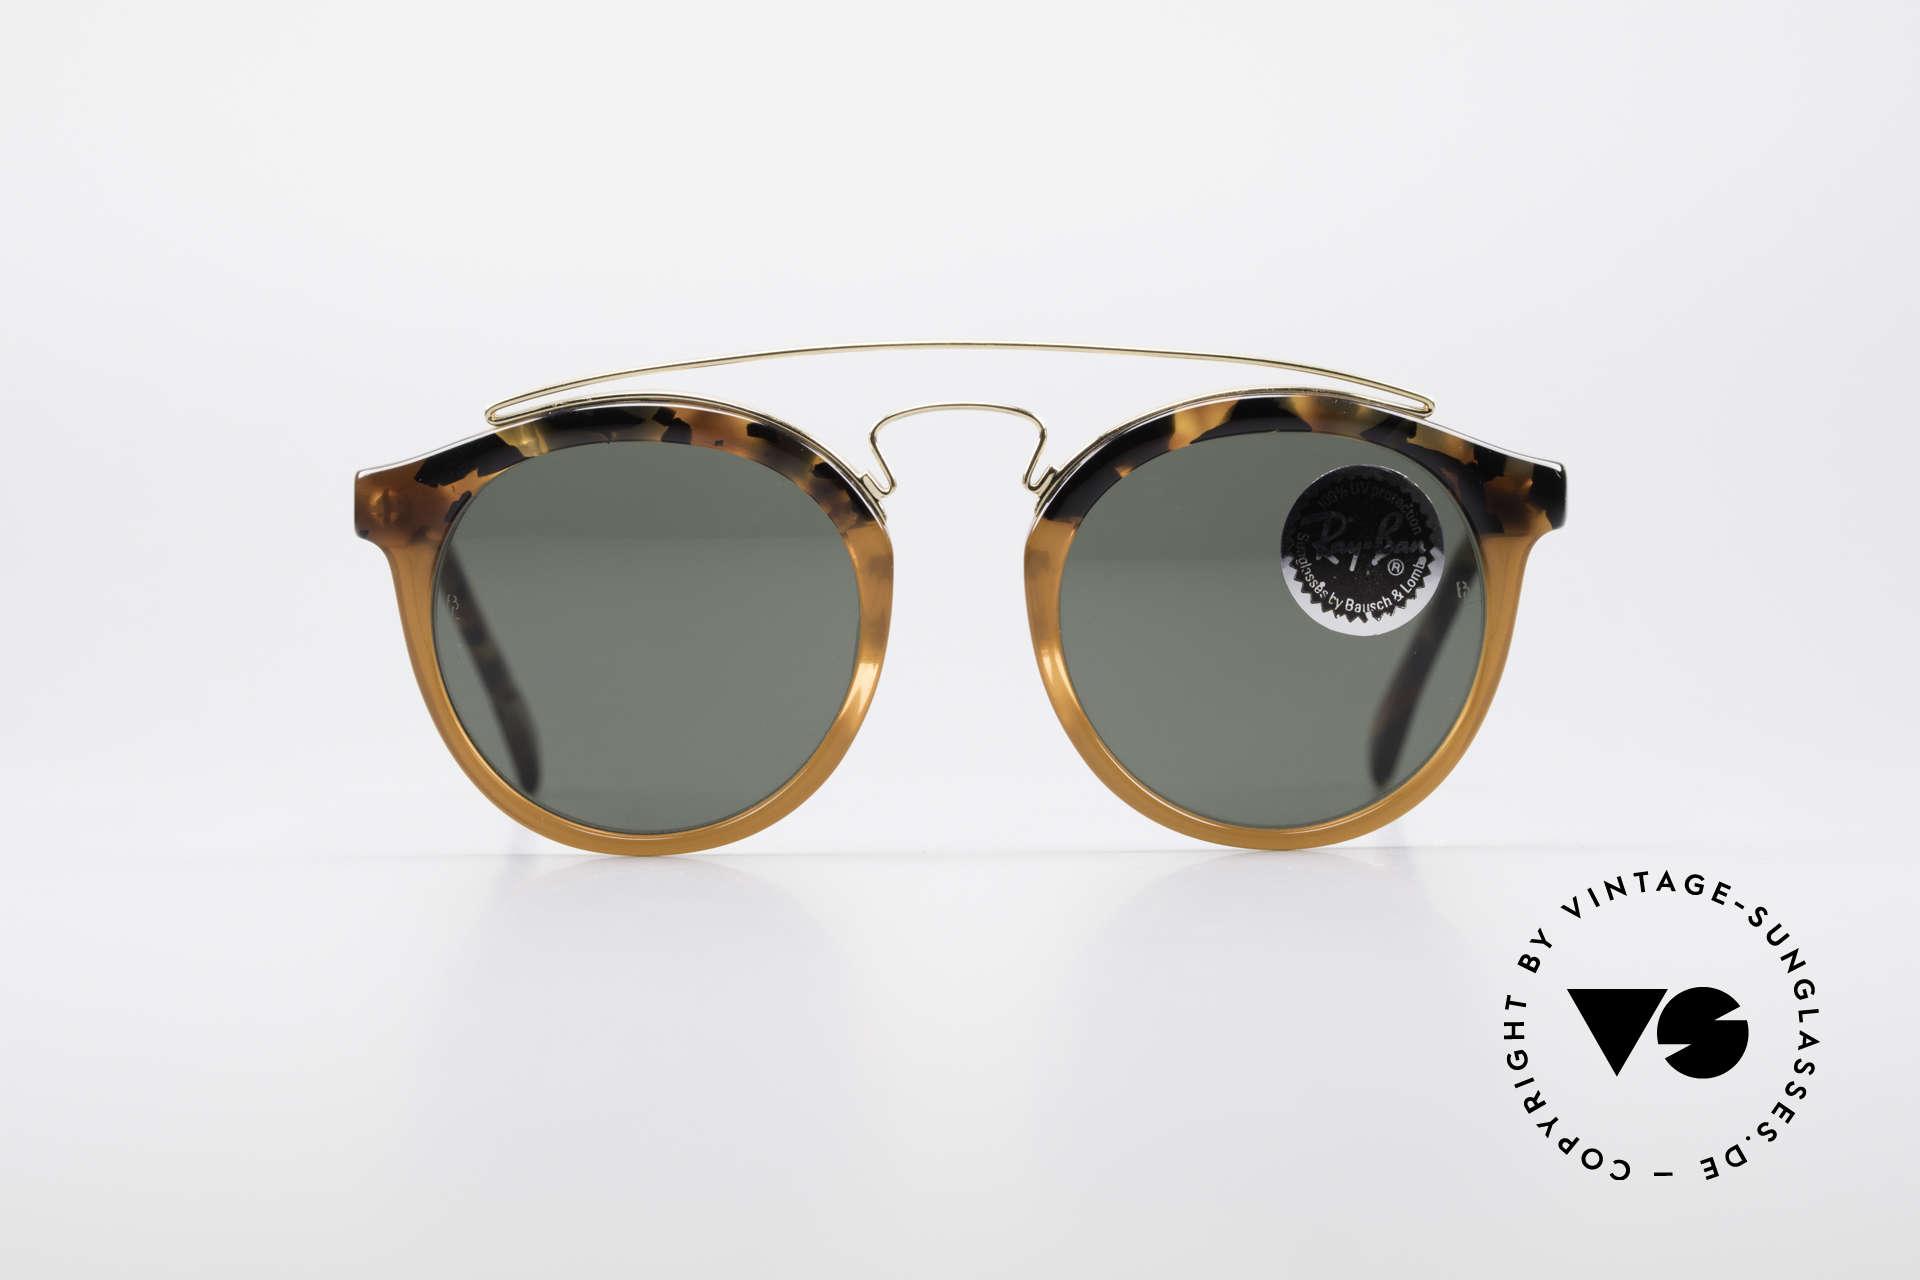 9cf1a94adde Sunglasses Ray Ban Gatsby Style 4 B L Bausch Lomb USA